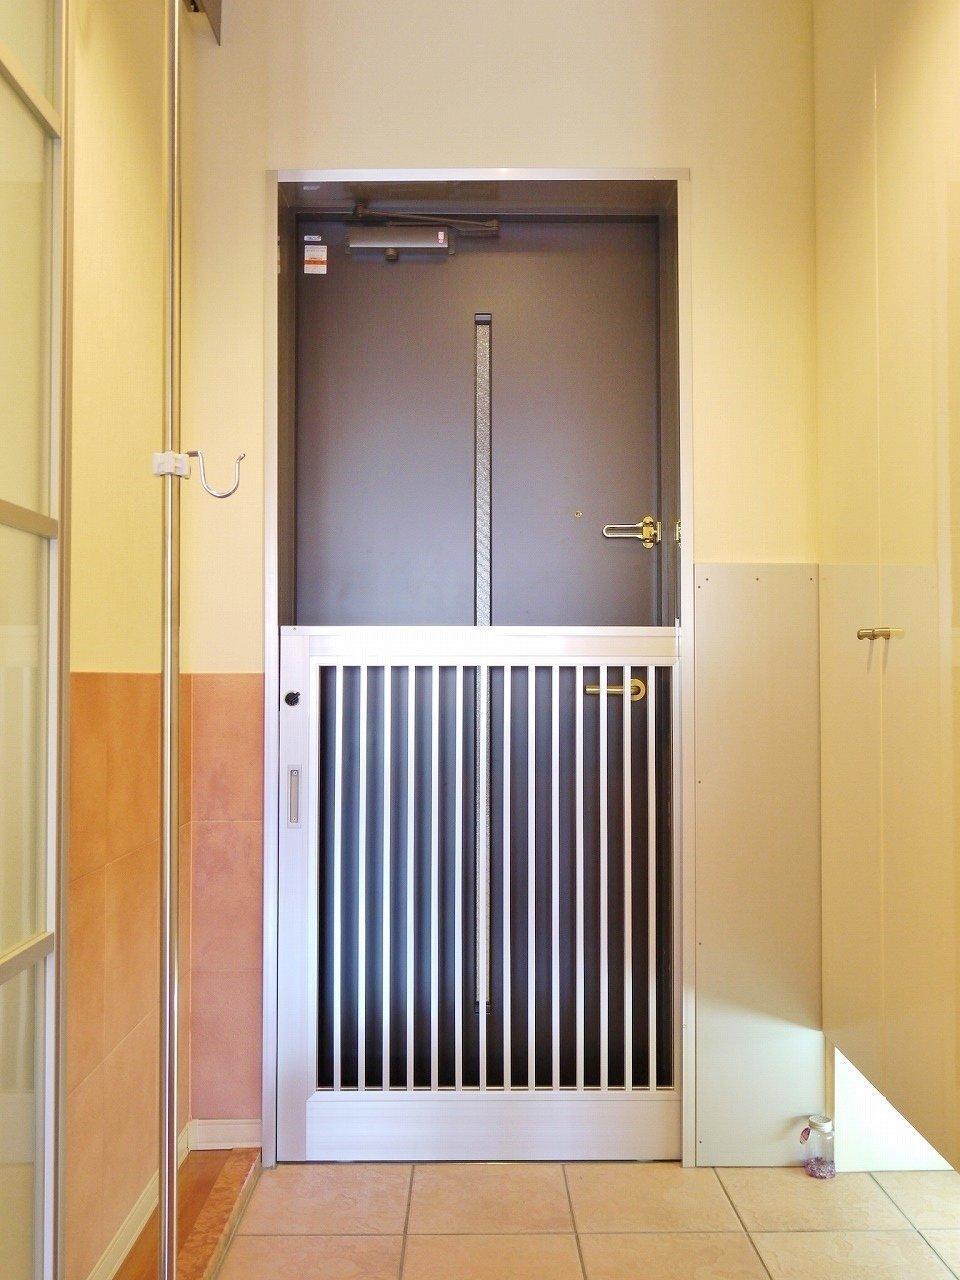 さらに玄関のところにも、ご主人が出入りする際に出てこられないように扉が二重になっています。